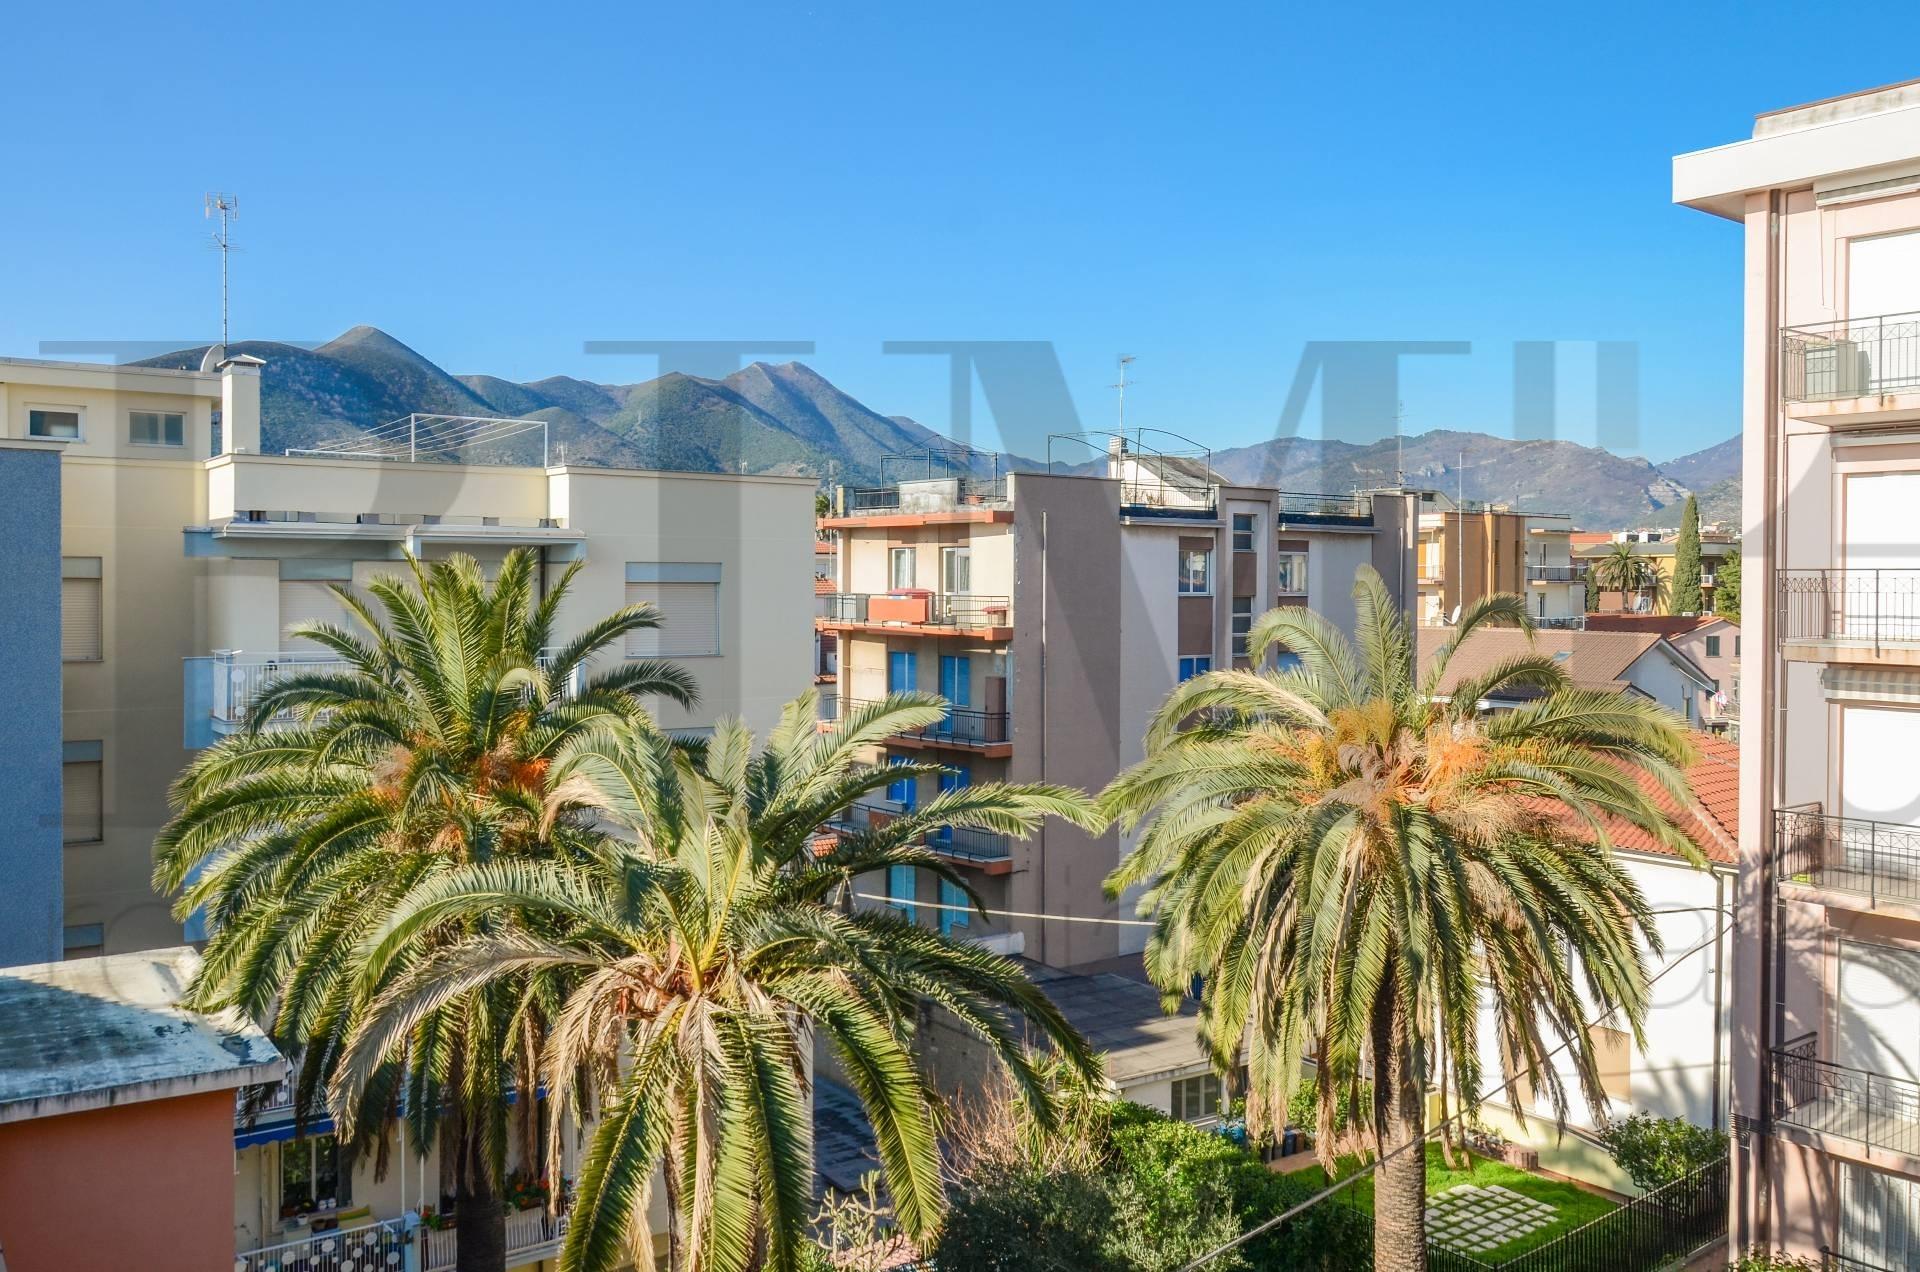 Appartamento in vendita a Loano, 3 locali, prezzo € 315.000 | CambioCasa.it